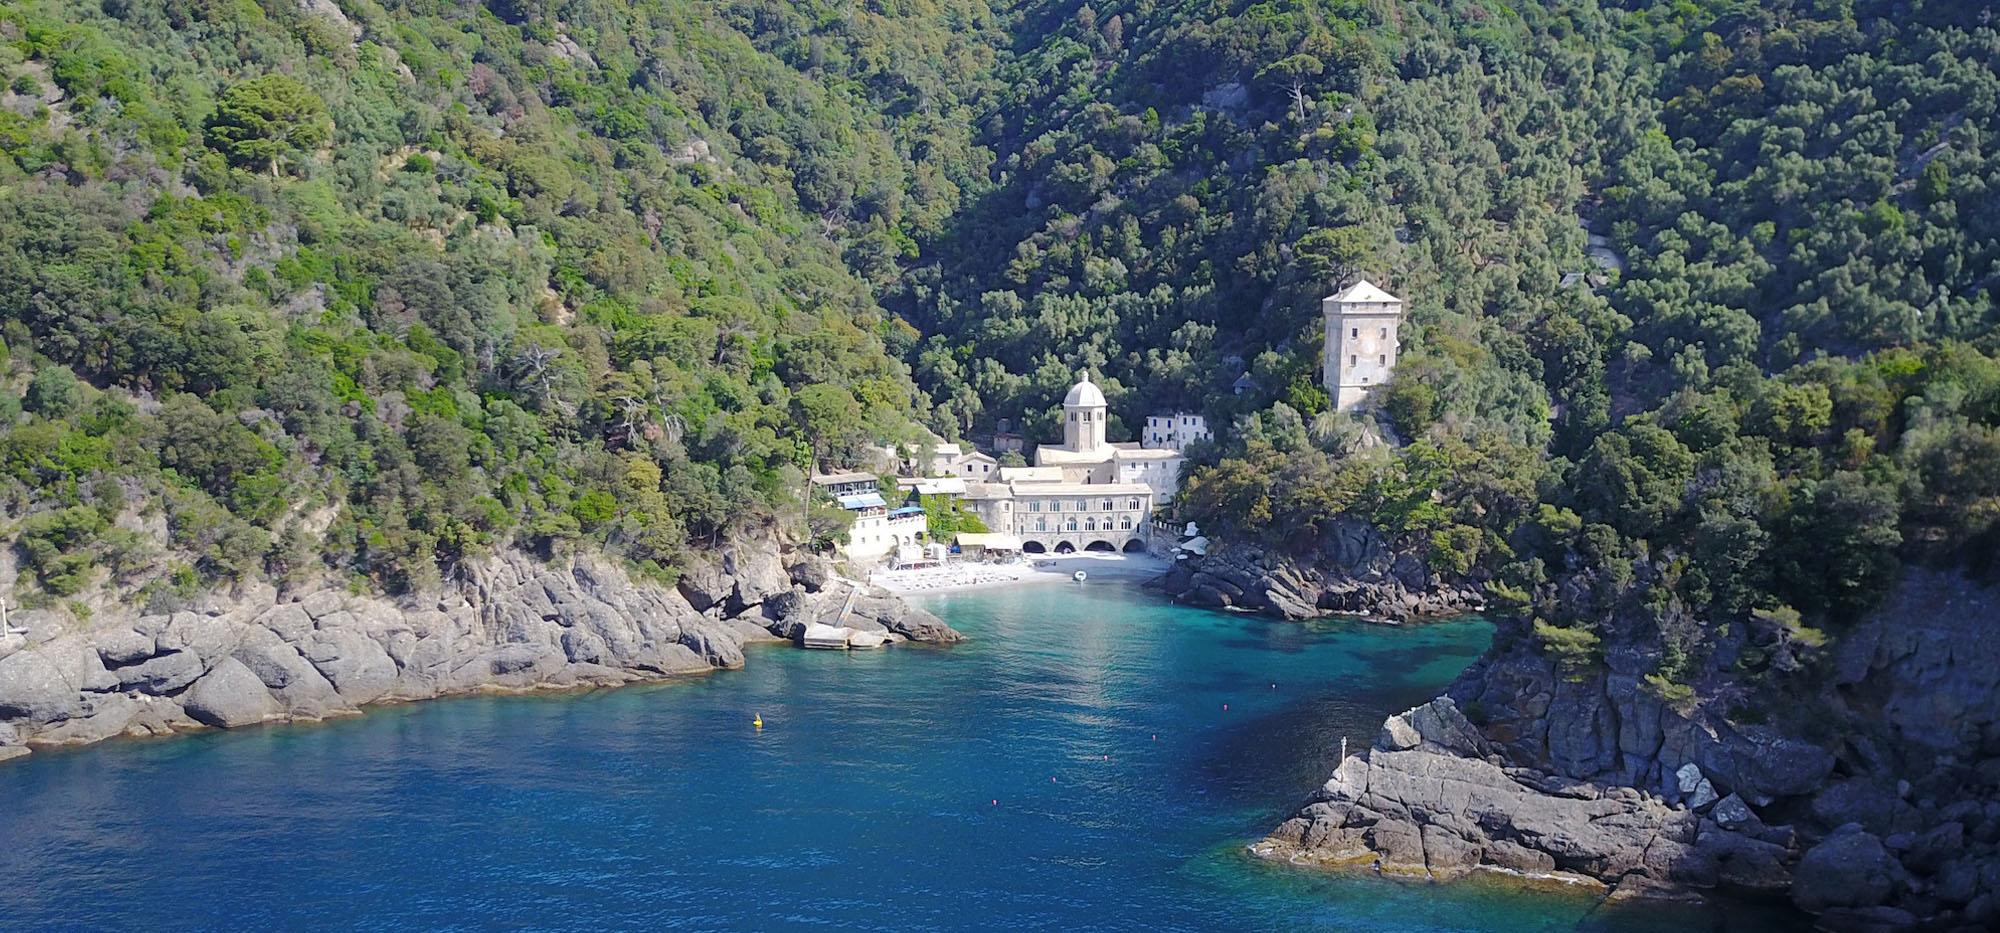 Cesare Charter Portofino - Tour San Fruttuoso, Gulf Tigullio, Gulf Paradiso